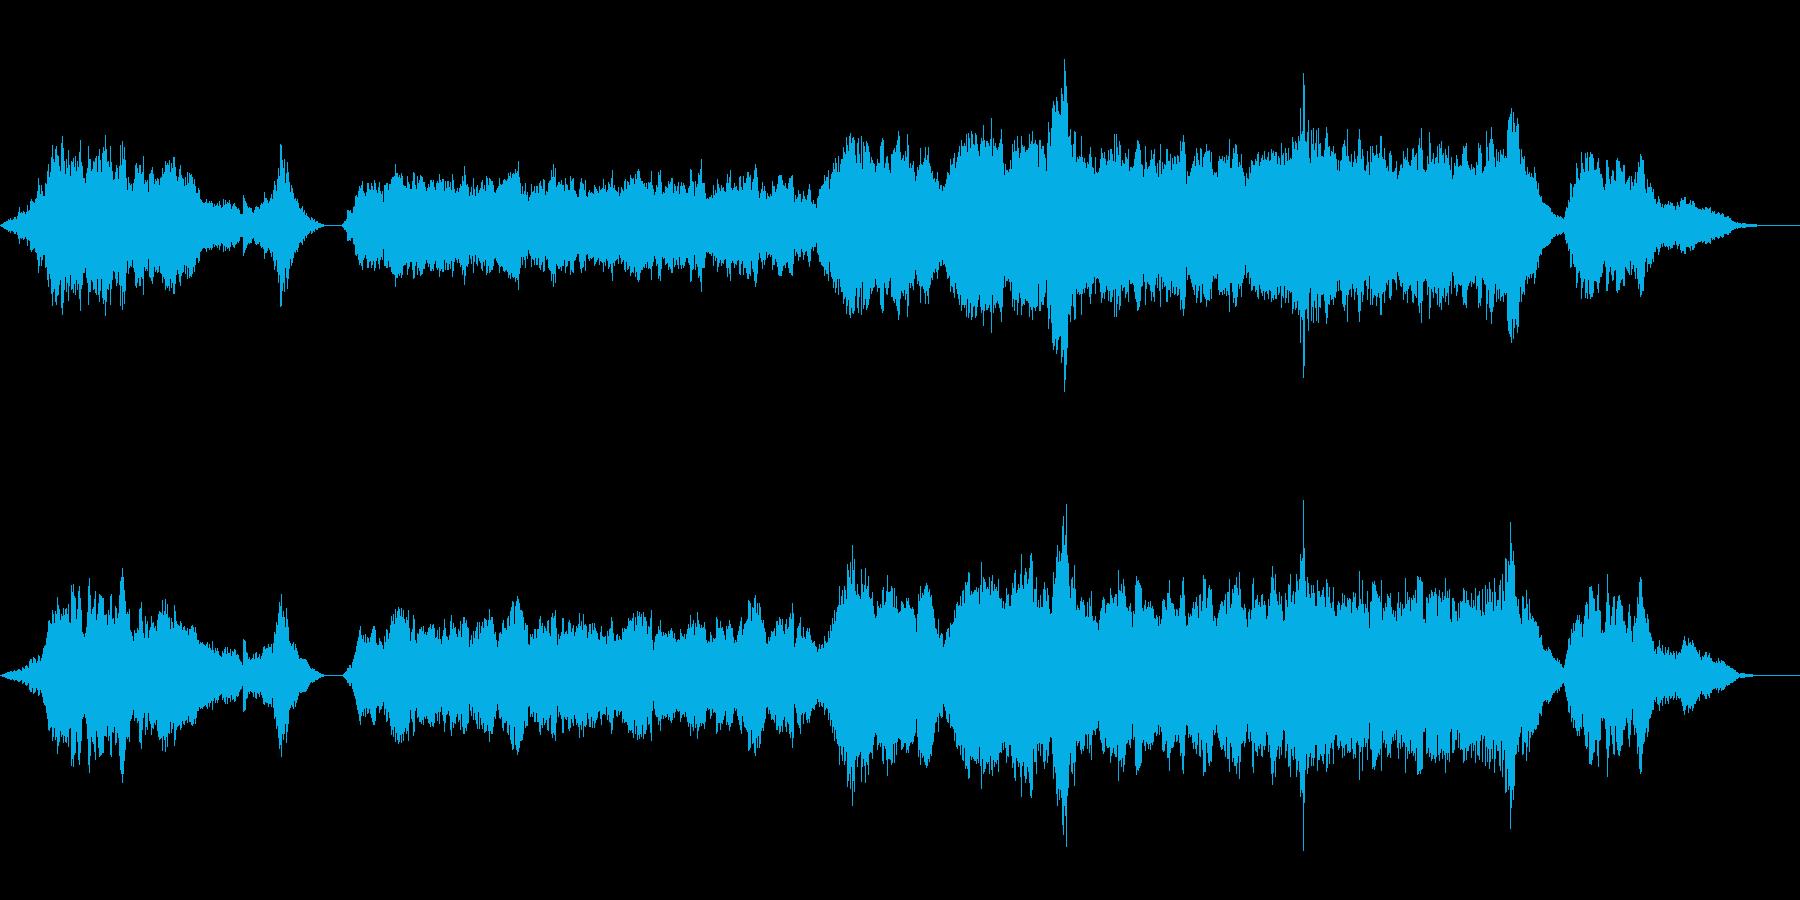 RPG:OP・ED用BGM1の再生済みの波形